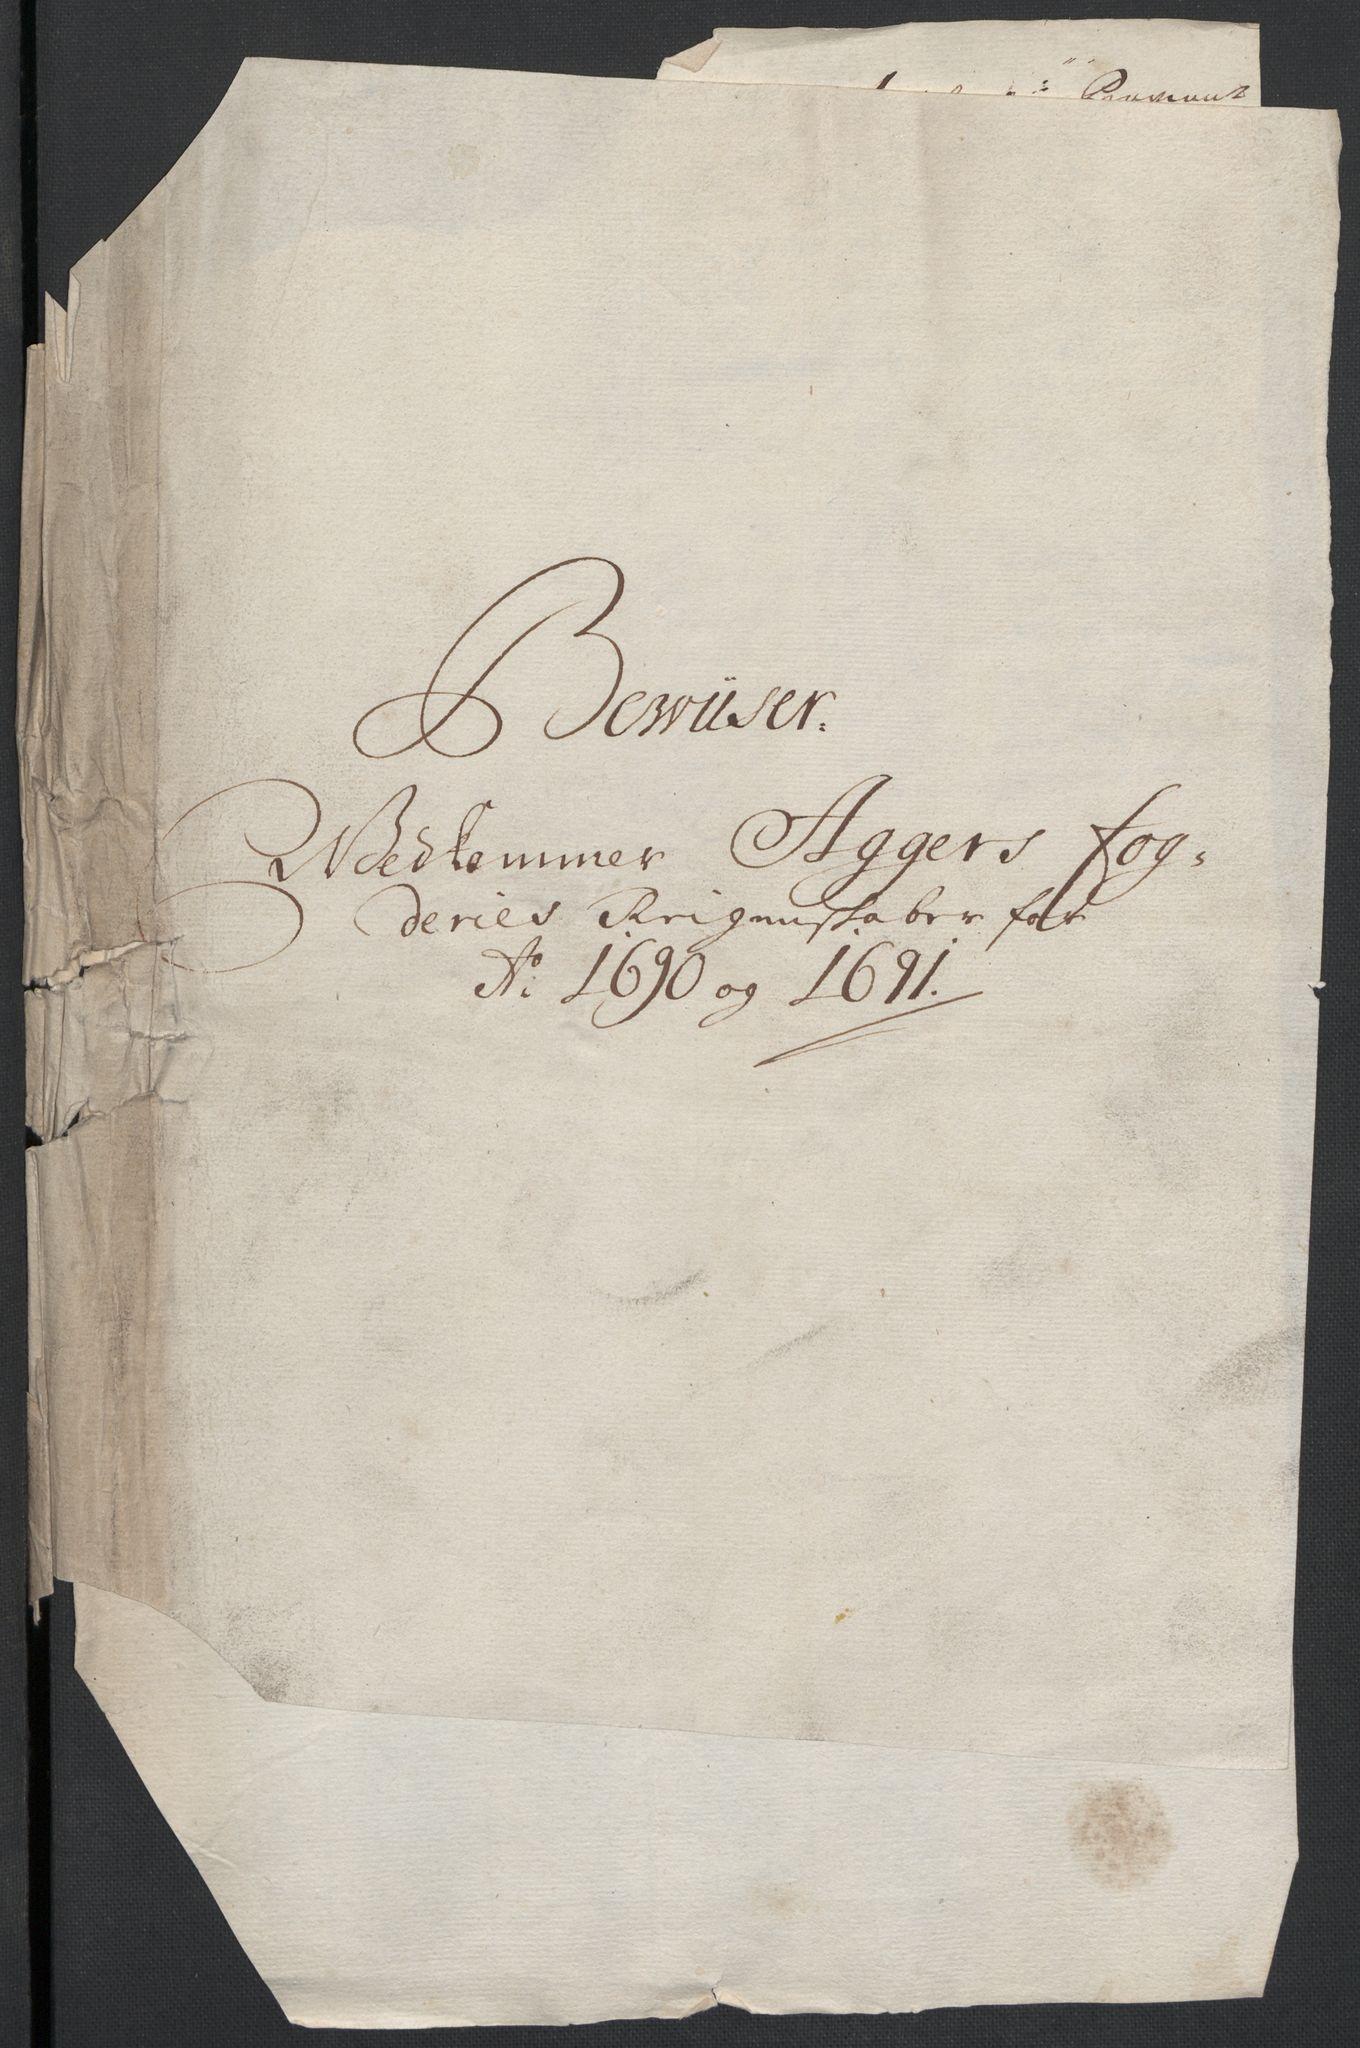 RA, Rentekammeret inntil 1814, Reviderte regnskaper, Fogderegnskap, R08/L0425: Fogderegnskap Aker, 1690-1691, s. 2